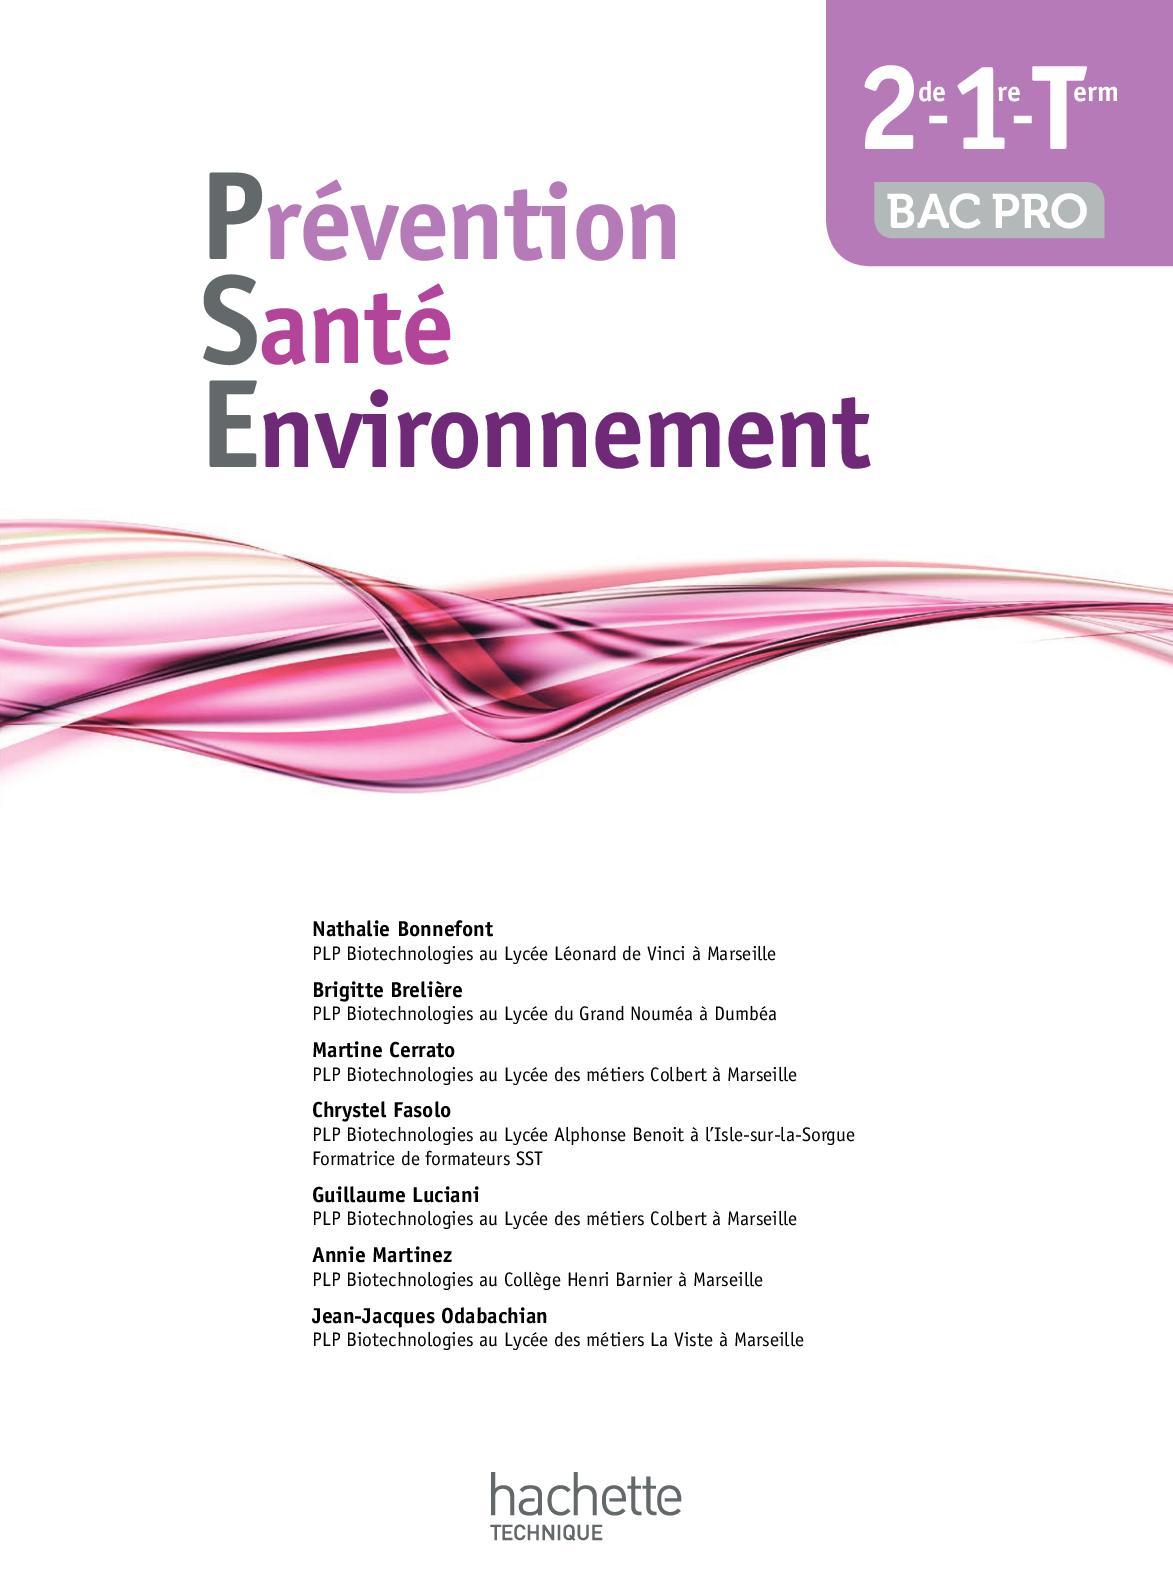 Prévention Santé Environnement - 2de-1re-Term Bac pro - Éd. 2014